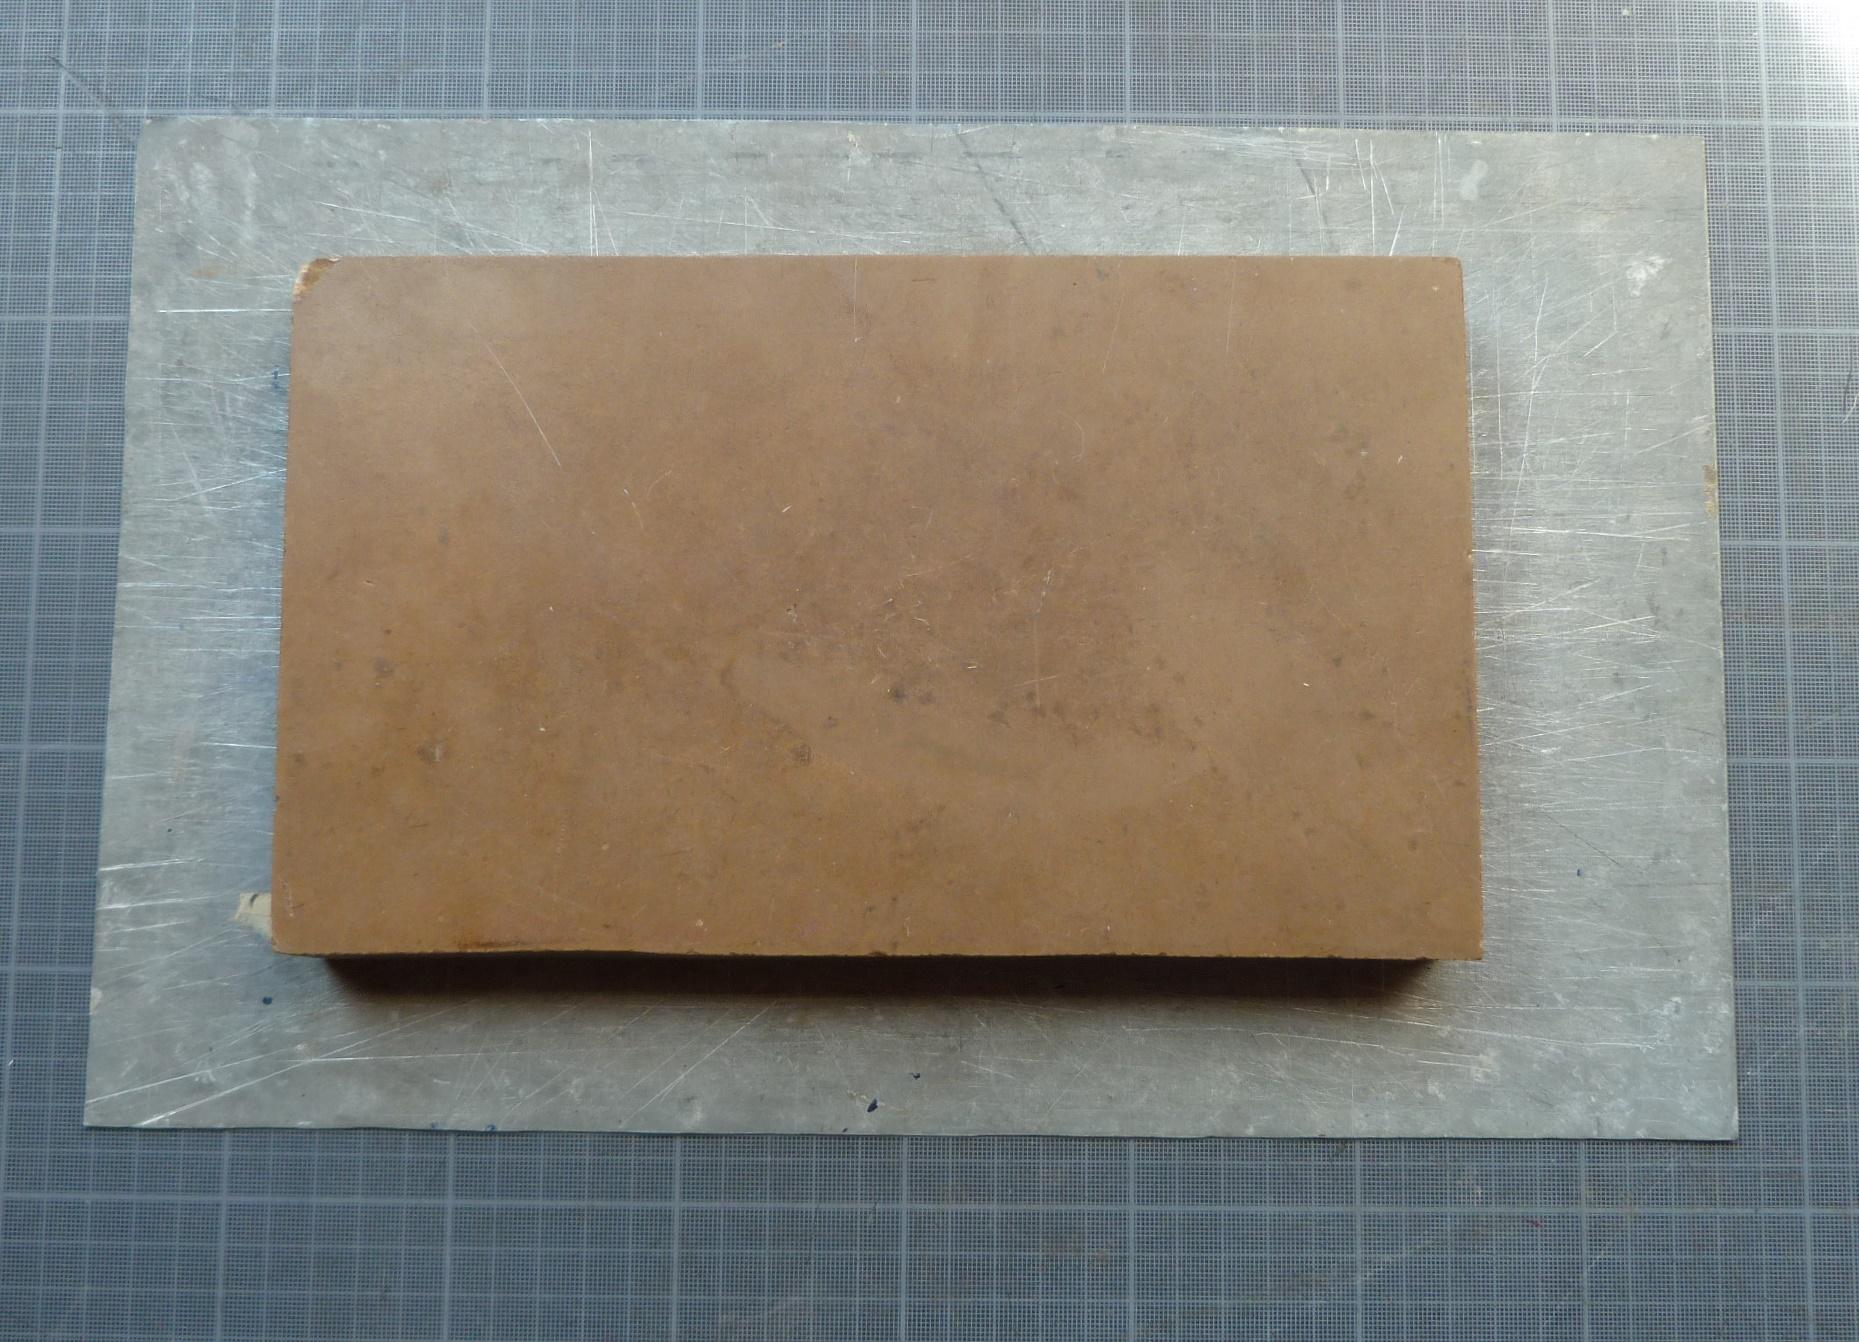 Recension1 kerlouan, pierre de bourgogne et plaque en zinc